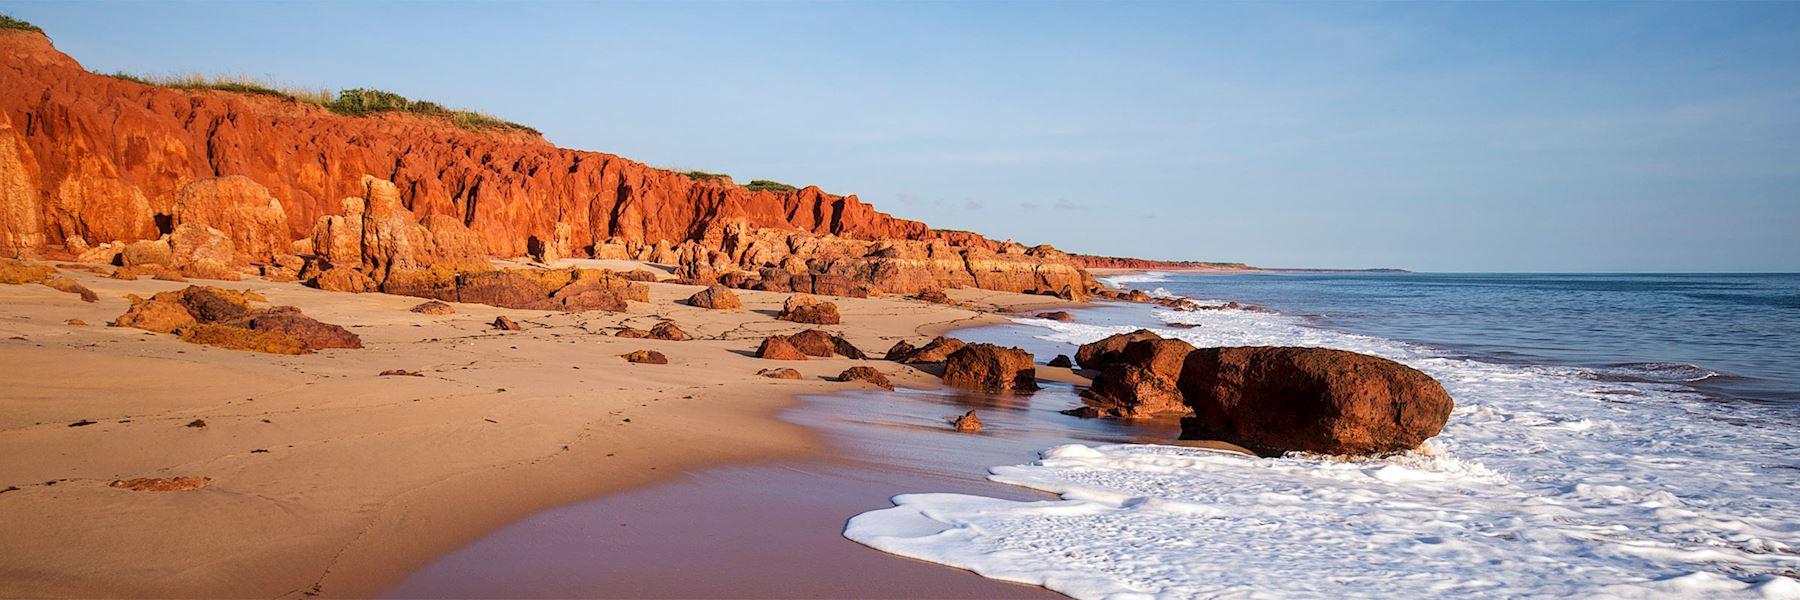 Visit Broome, Australia